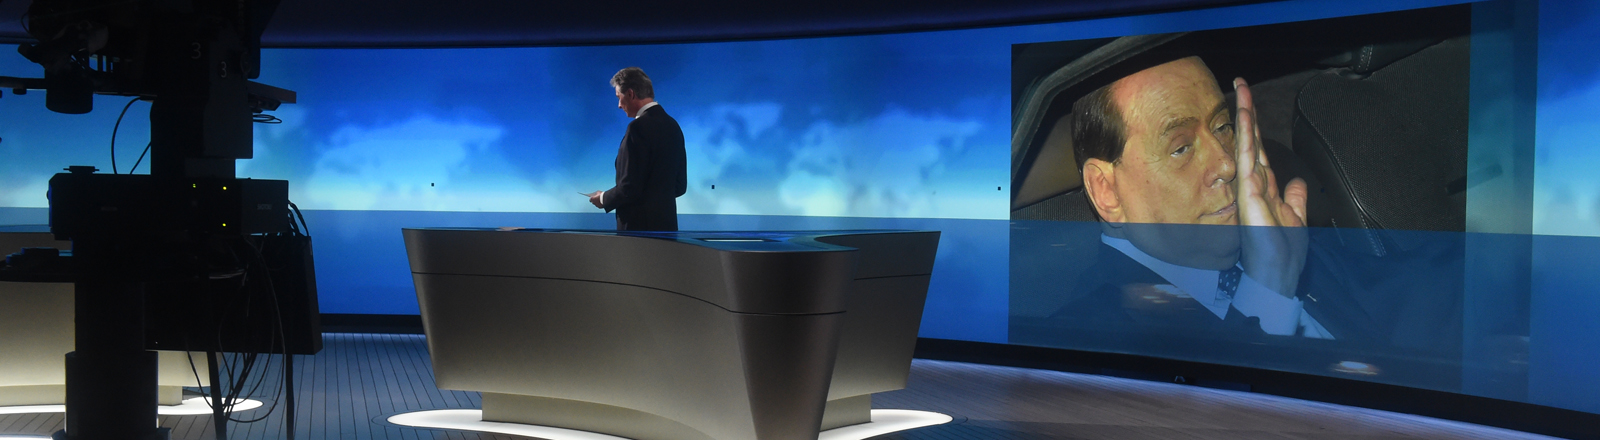 """Nachrichtensprecher Claus-Erich Boetzkes spricht am 15.04.2014 im neuen """"Tagesschau""""-Studio beim NDR in Hamburg die """"Tagesschau"""" um 16 Uhr."""